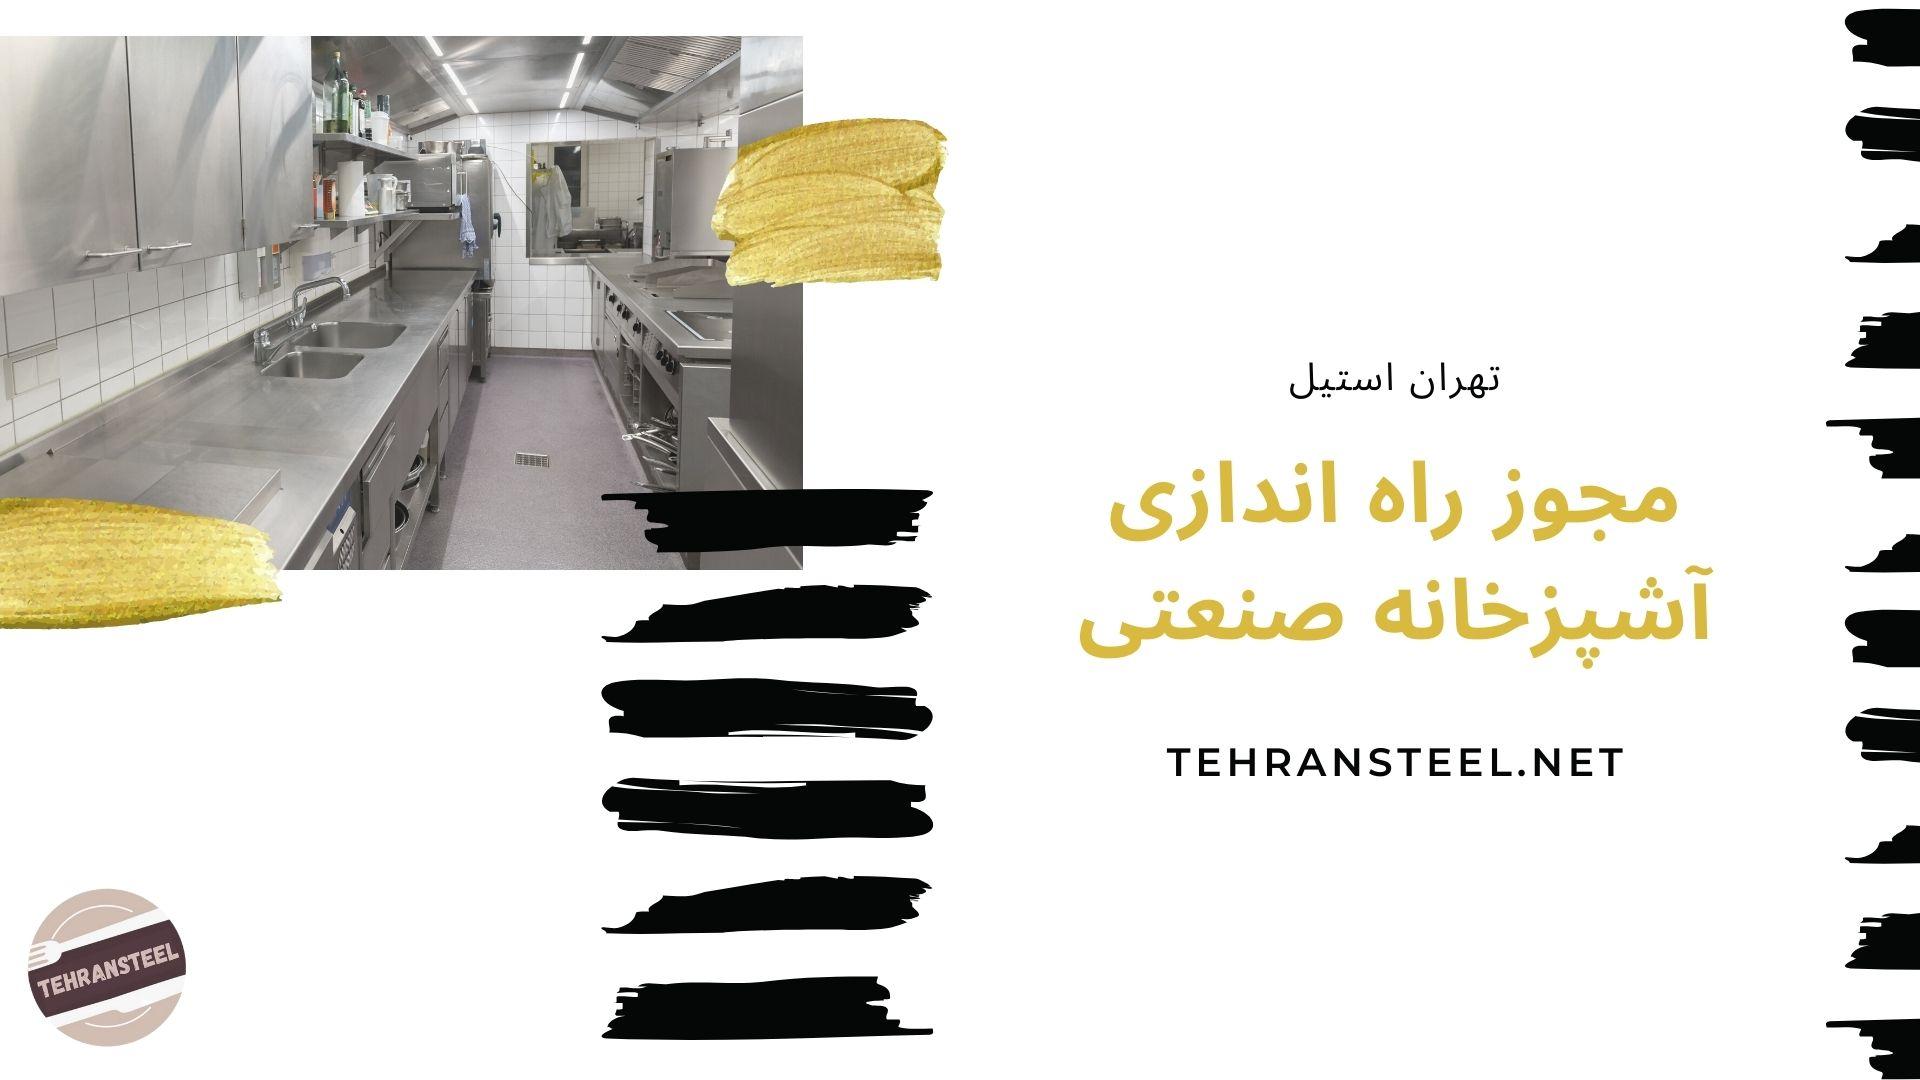 مجوز راه اندازی آشپزخانه صنعتی